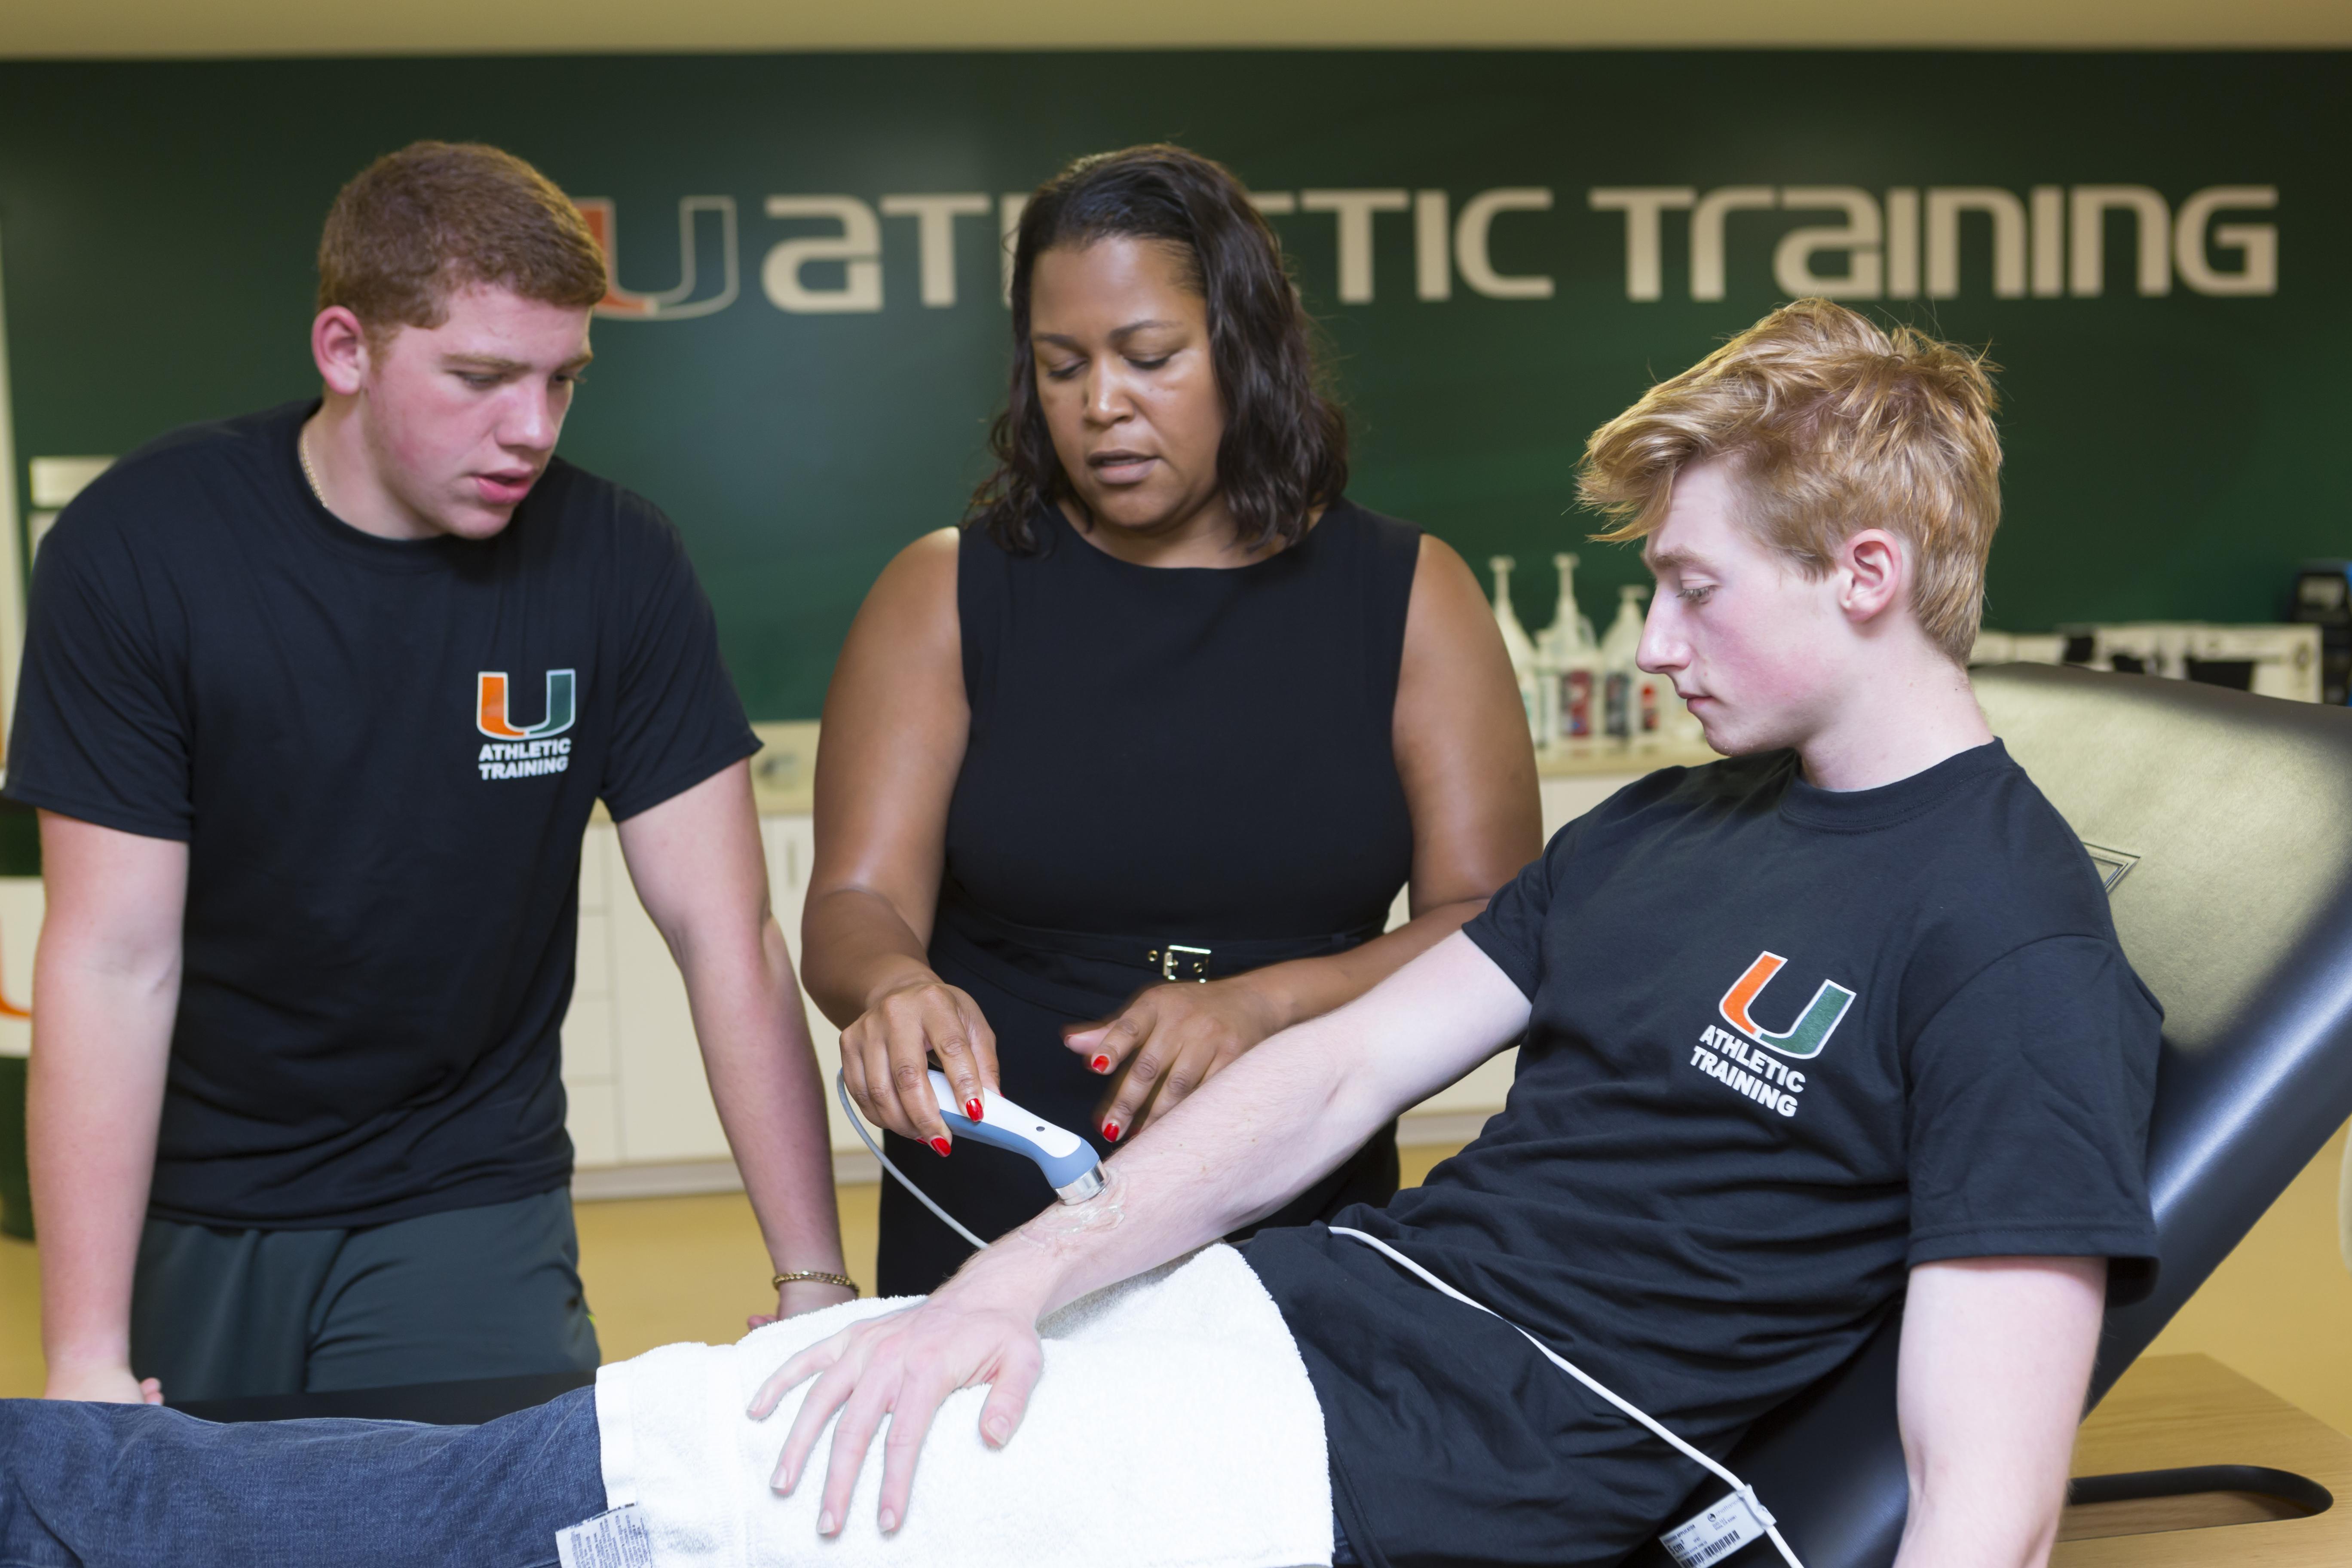 Summer Program - Pre-Med | University of Miami Summer Scholars: Sports Medicine